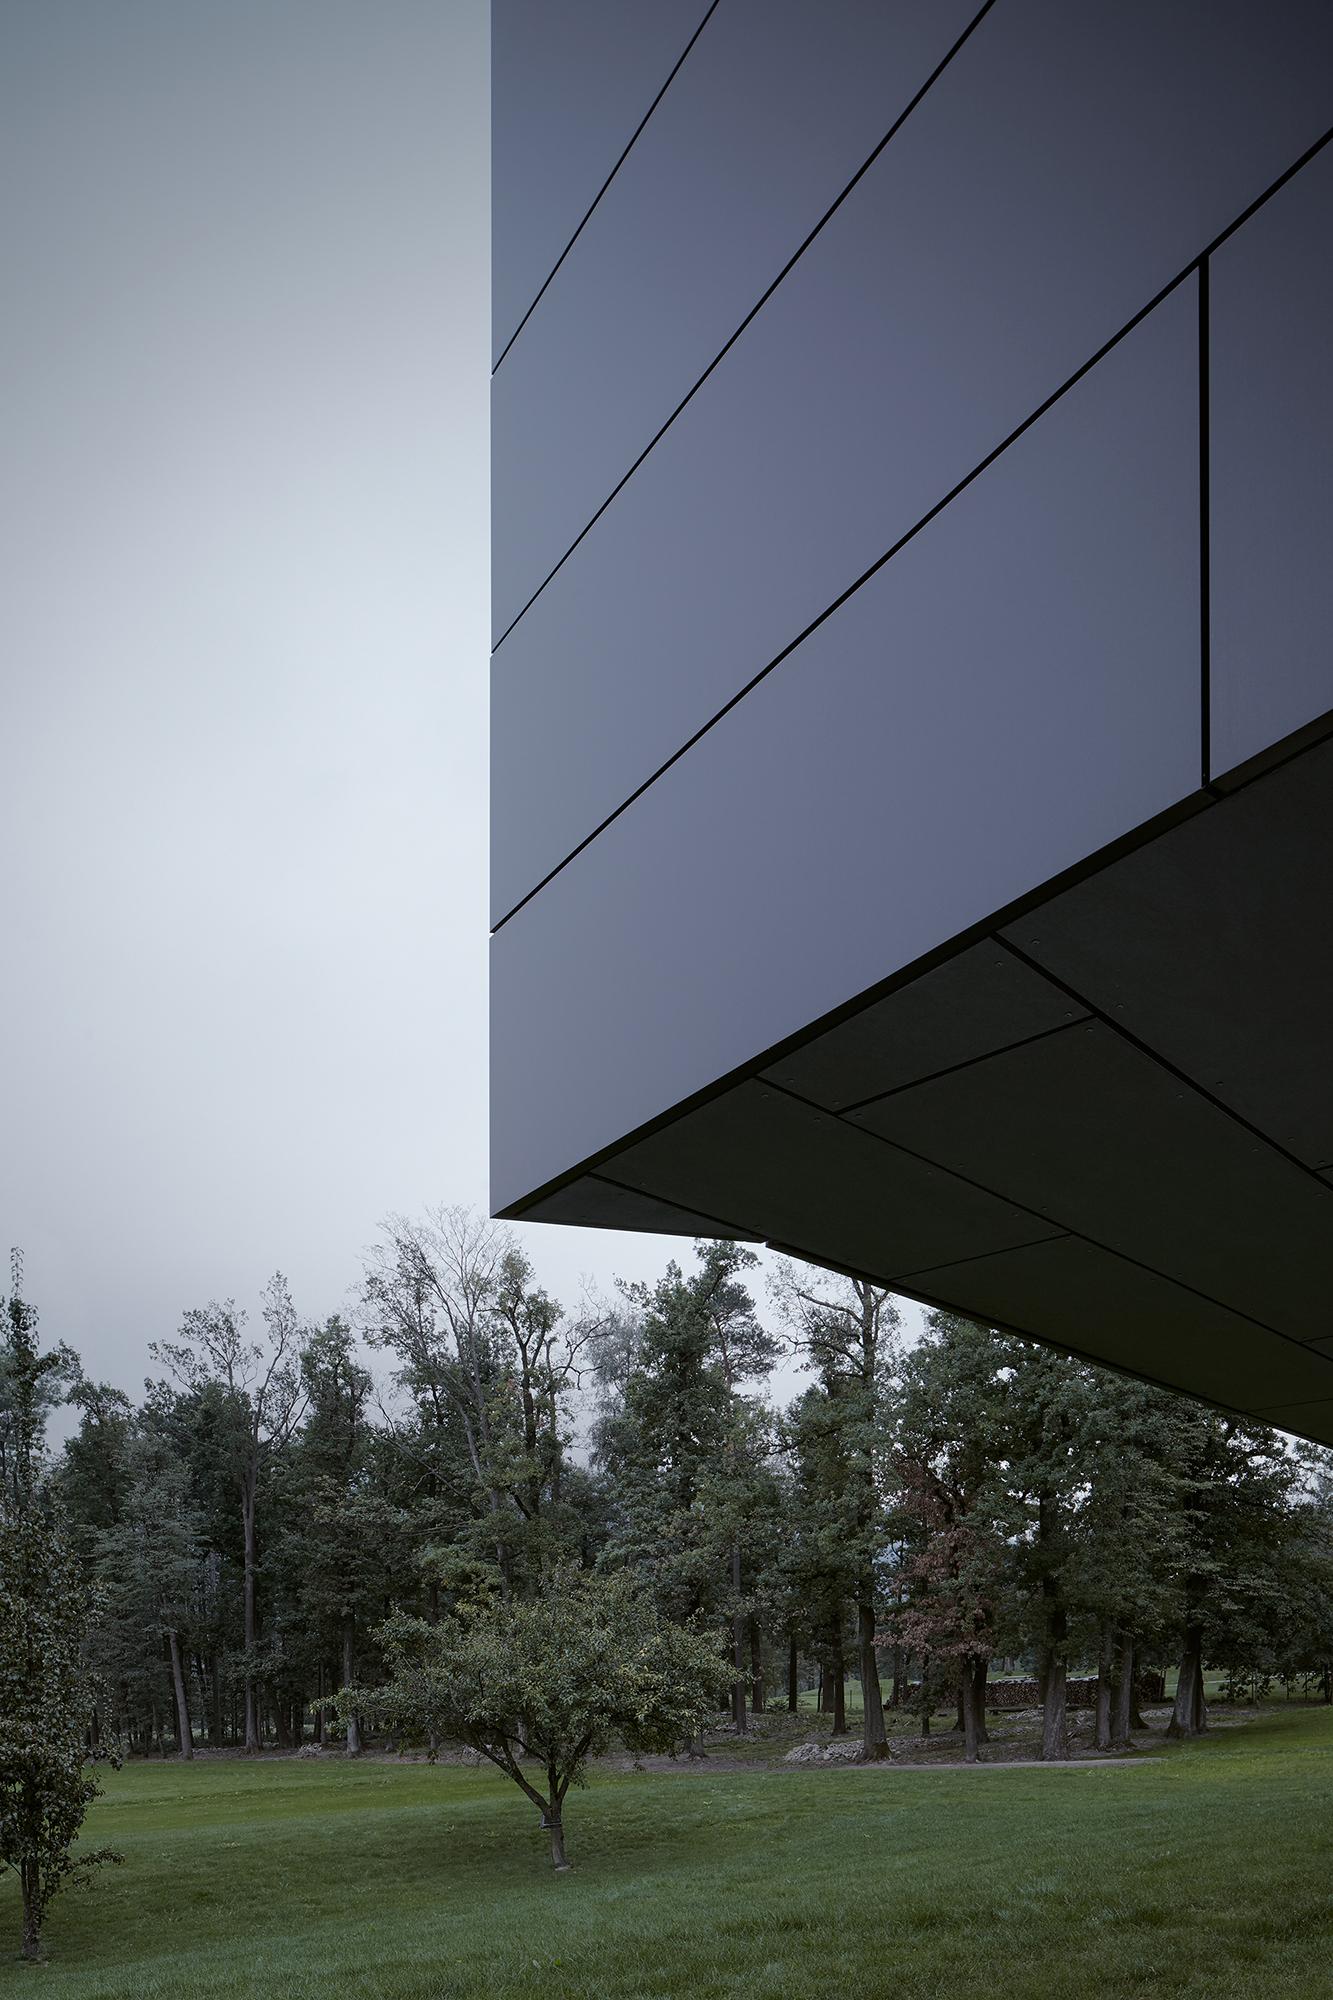 04_Letni_dum_Celadna_CMC_architects_BoysPlayNice.jpg